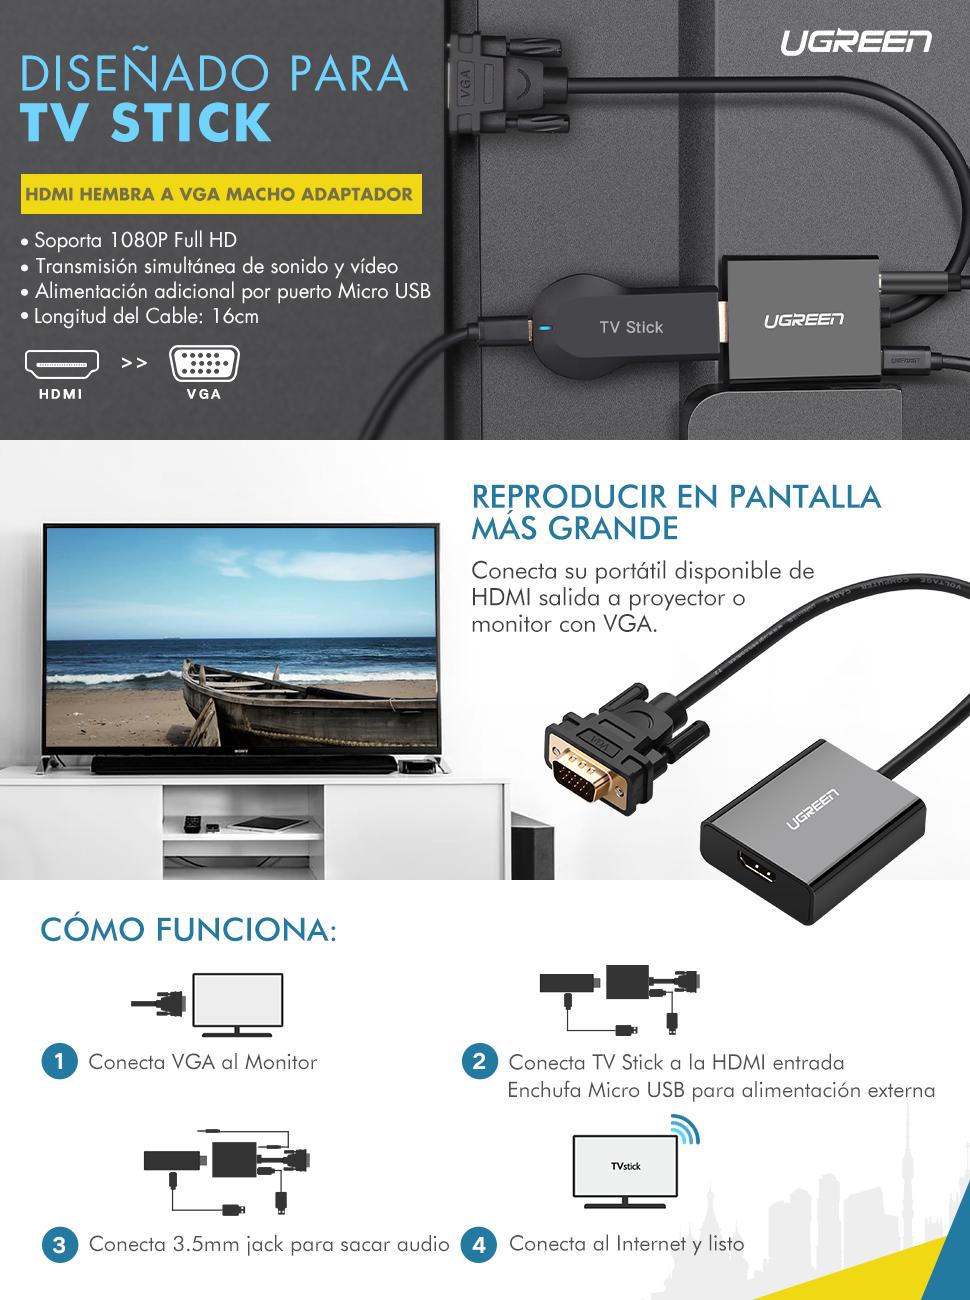 Adaptador HDMI a VGA para Chromecast, Ugreen HDMI Hembra a VGA Macho 1080P con Audio Compatible con Stick TV, Raspberry pi, Netflix, Webtv, MSN TV, Receptor TDT HD, Miracast: Amazon.es: Electrónica